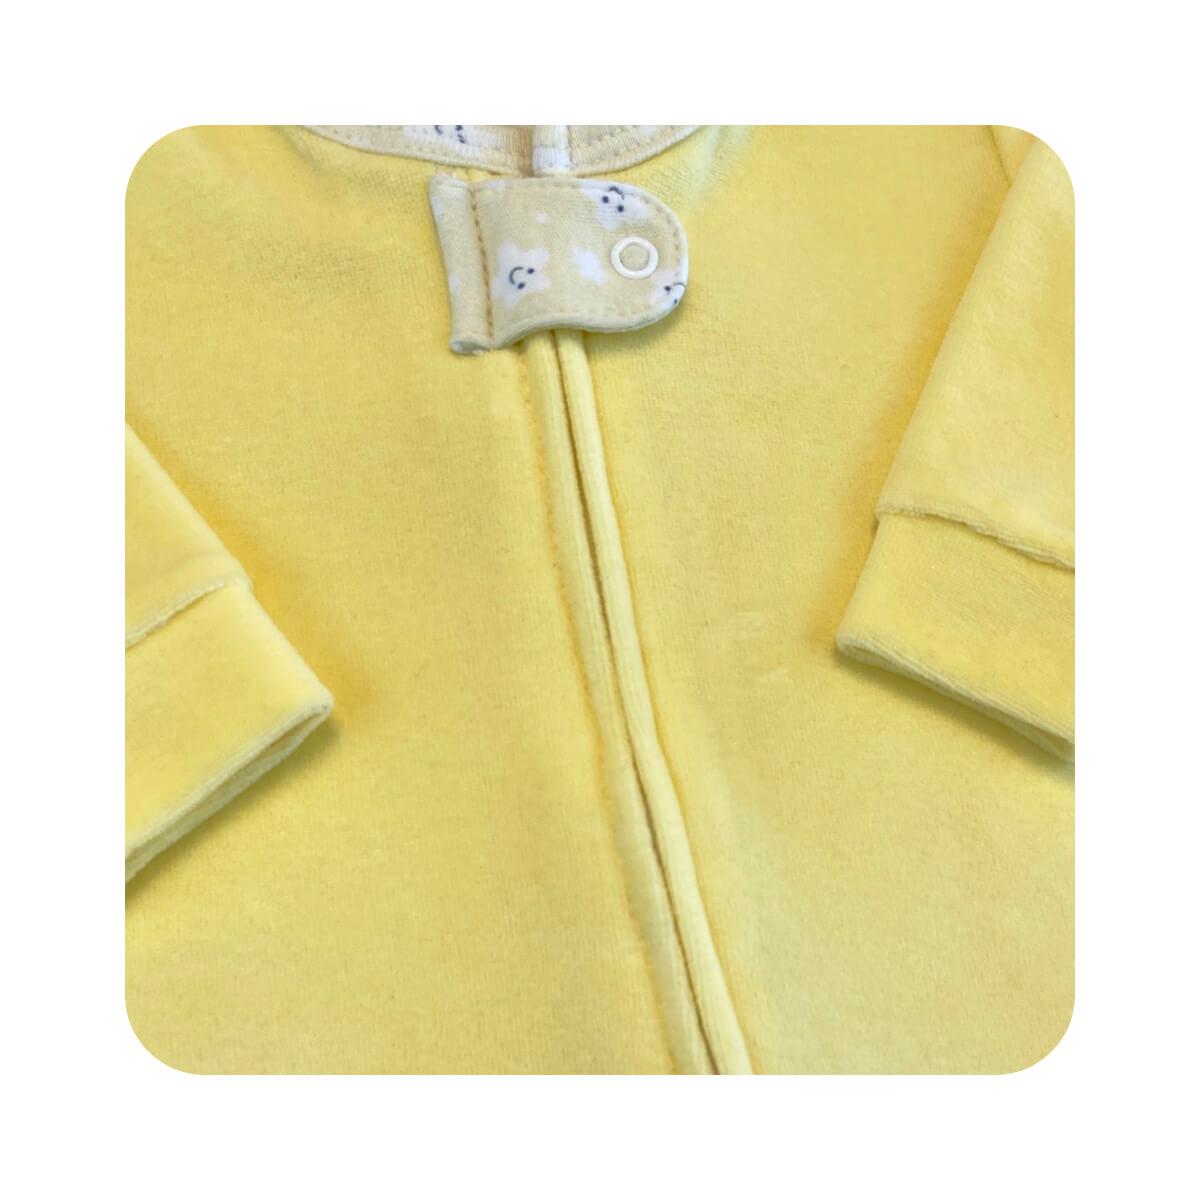 Macacão Bebê Plush Zíper Amarelo - Tamanhos RN e P com pezinho; M, G e XG sem pezinho  - Piu Blu